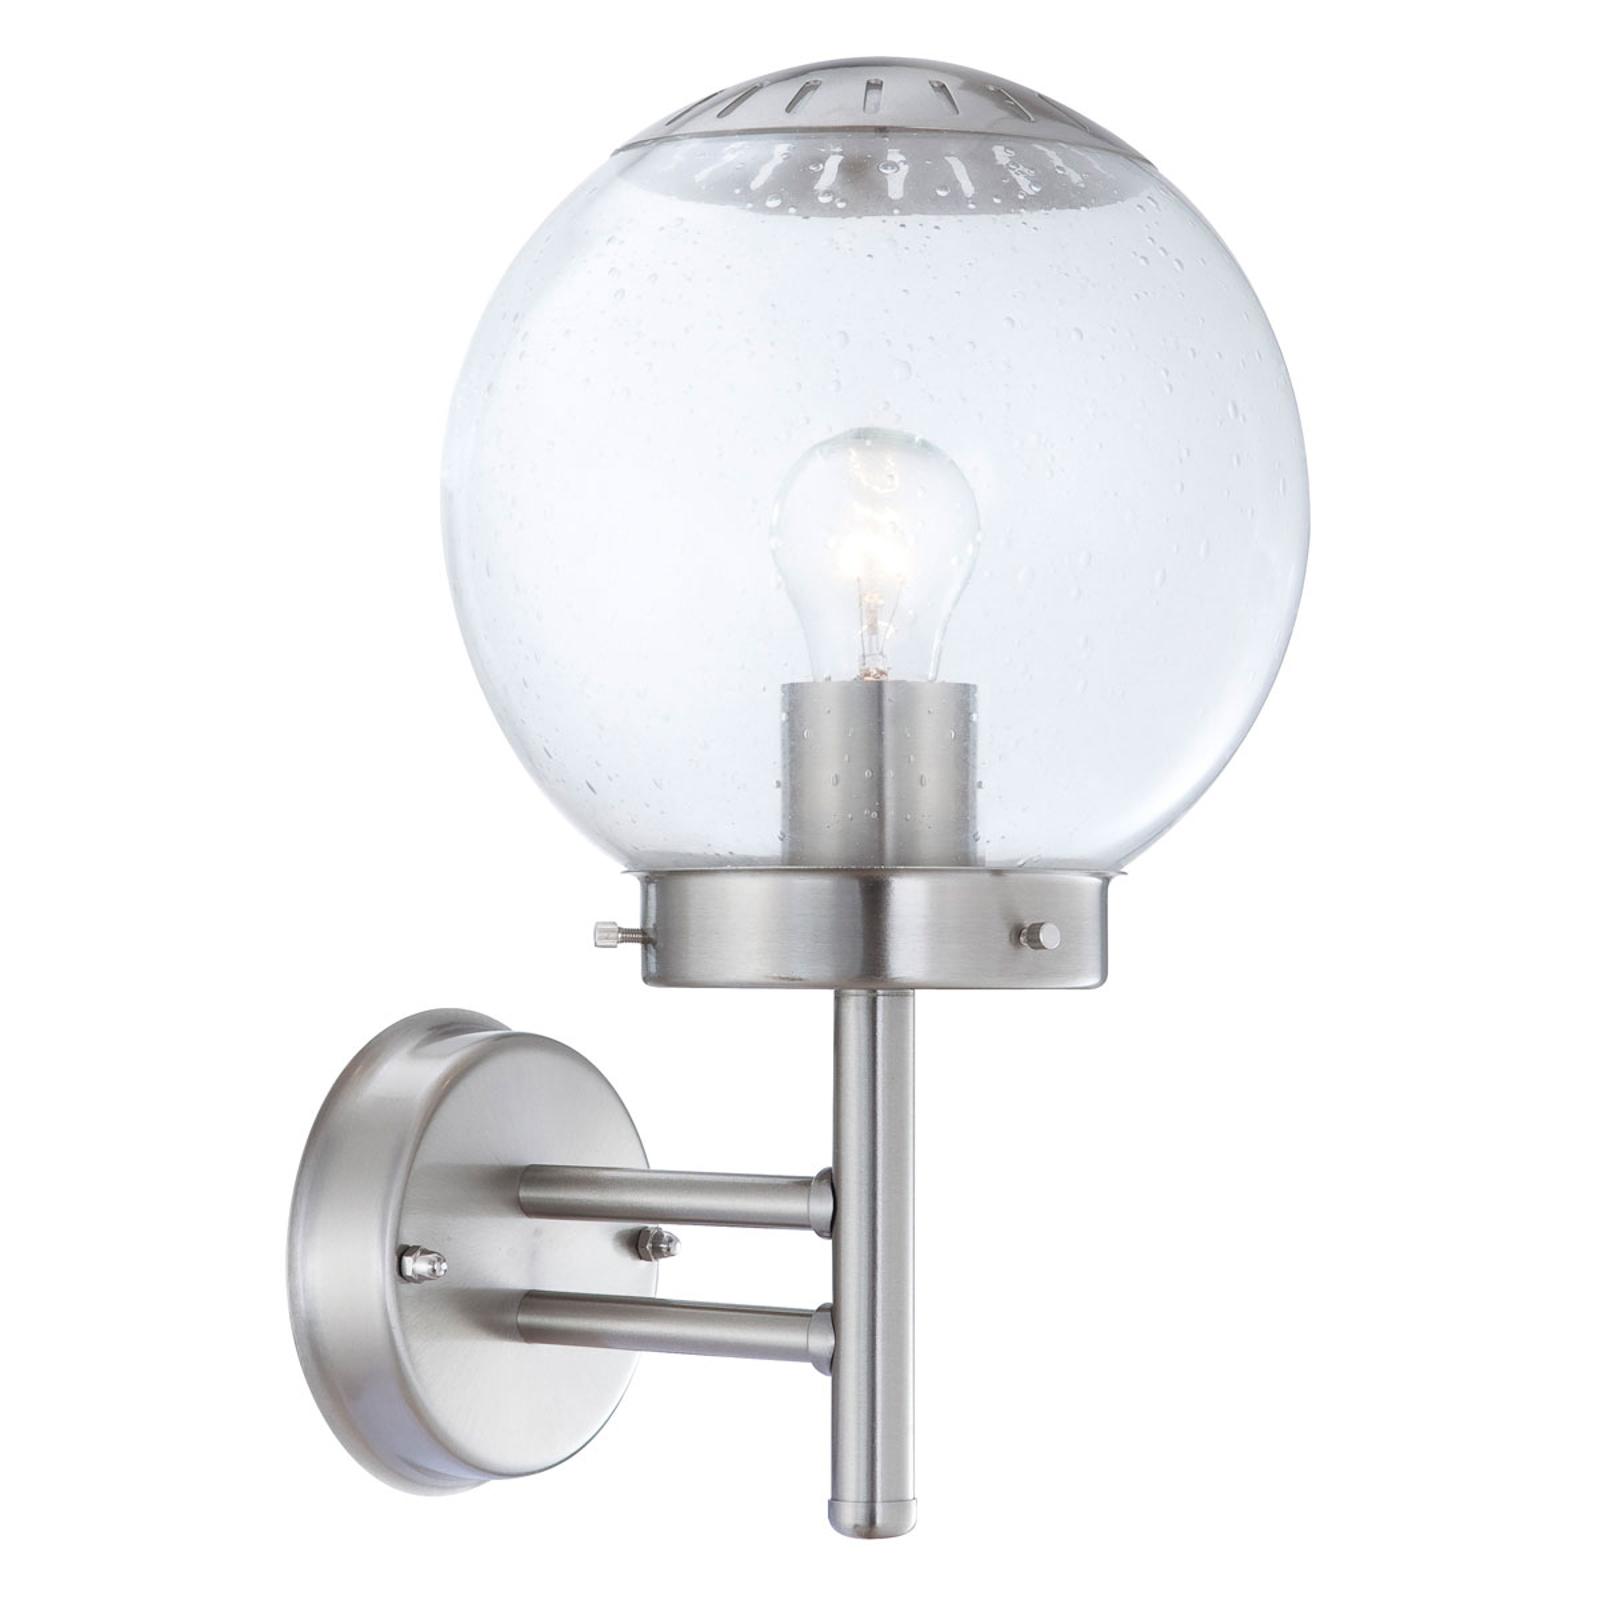 Vegghengt utelampe Bowle